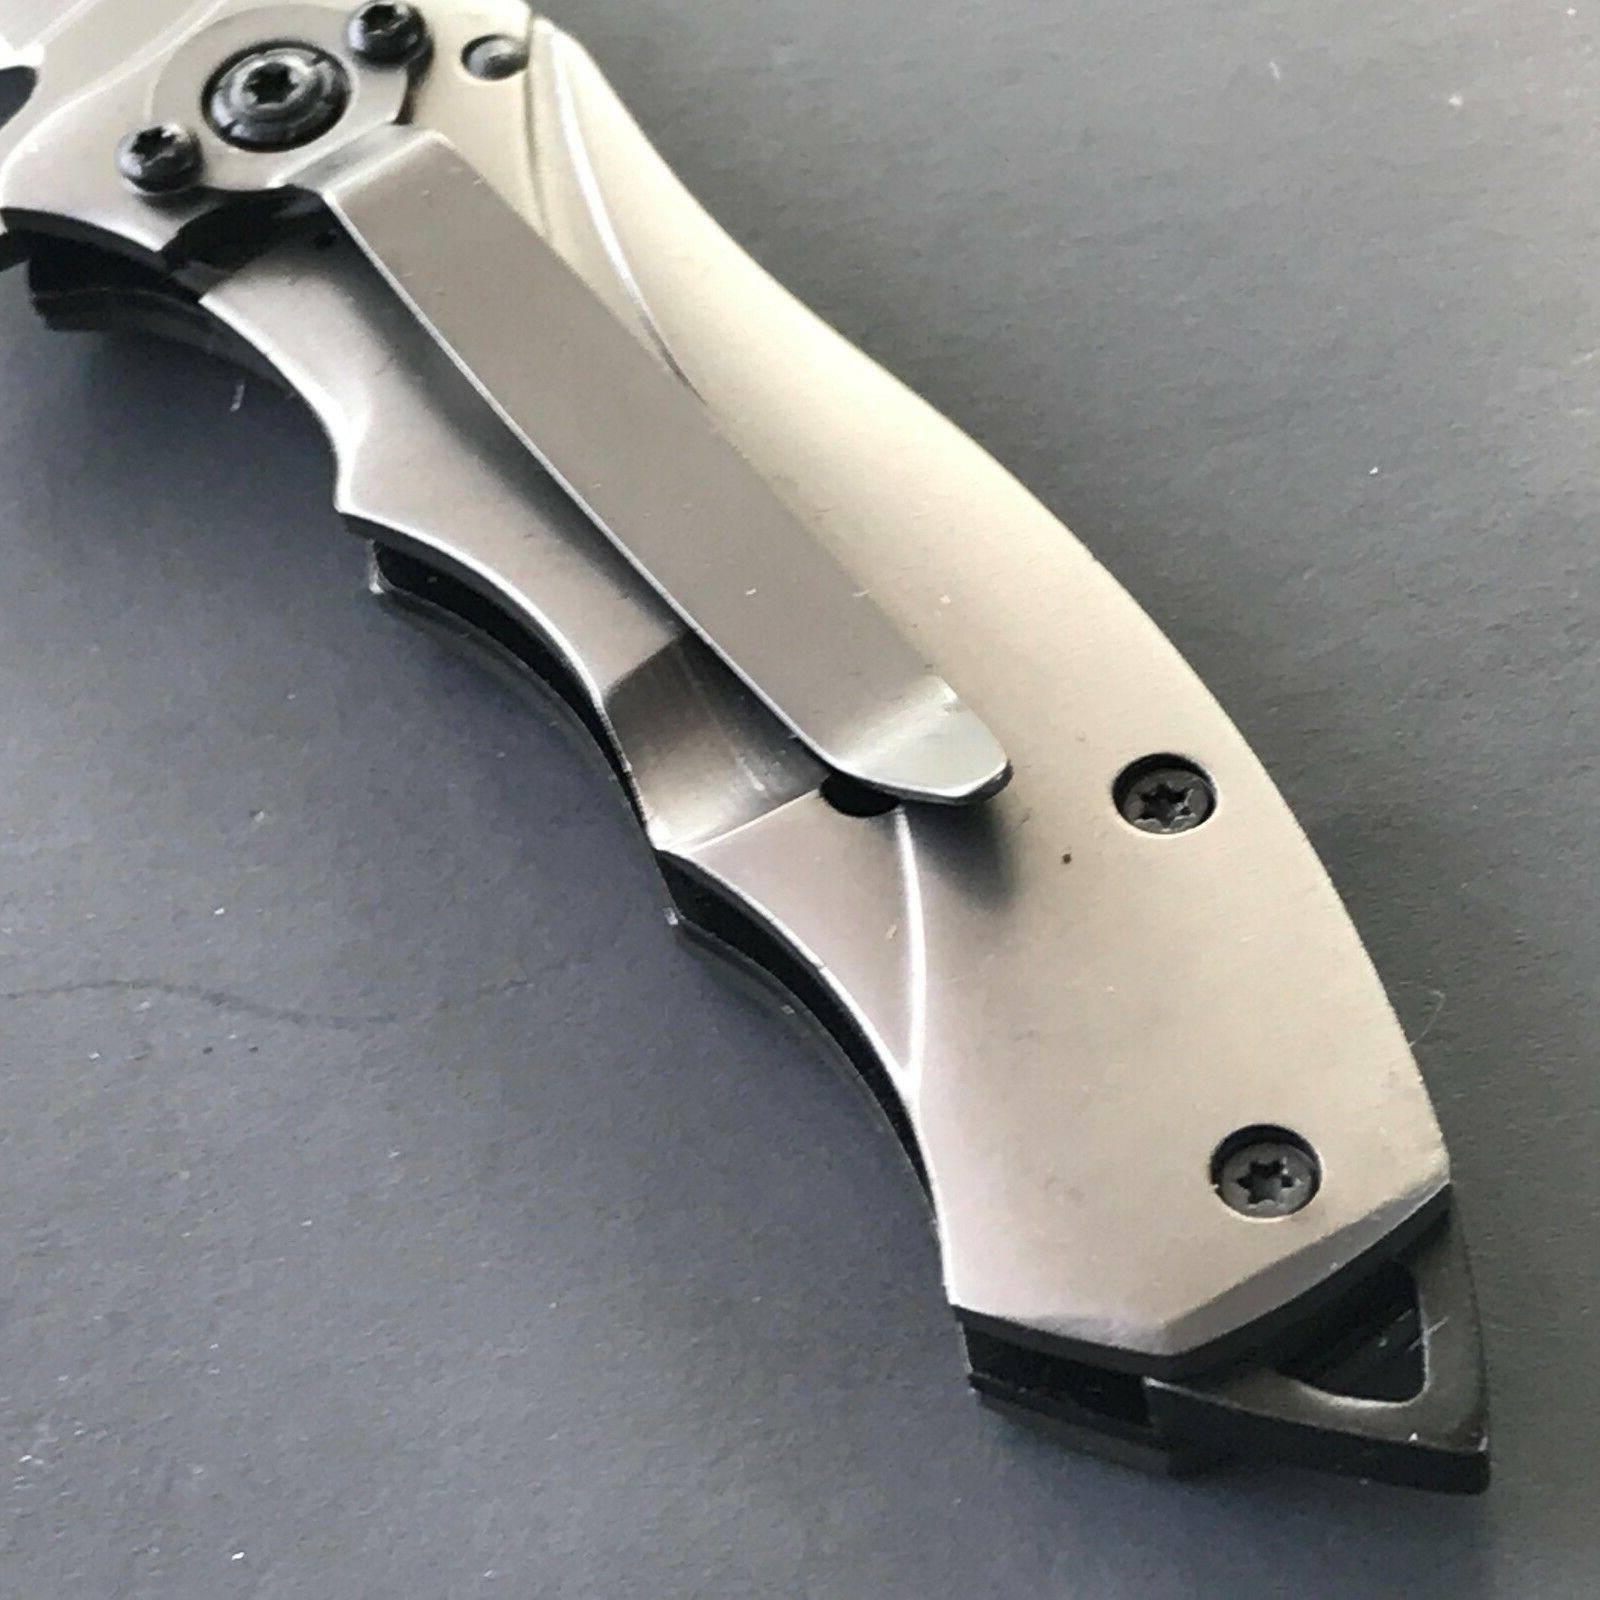 TAC SPRING ASSISTED TACTICAL Titanium Pocket Knife Blade